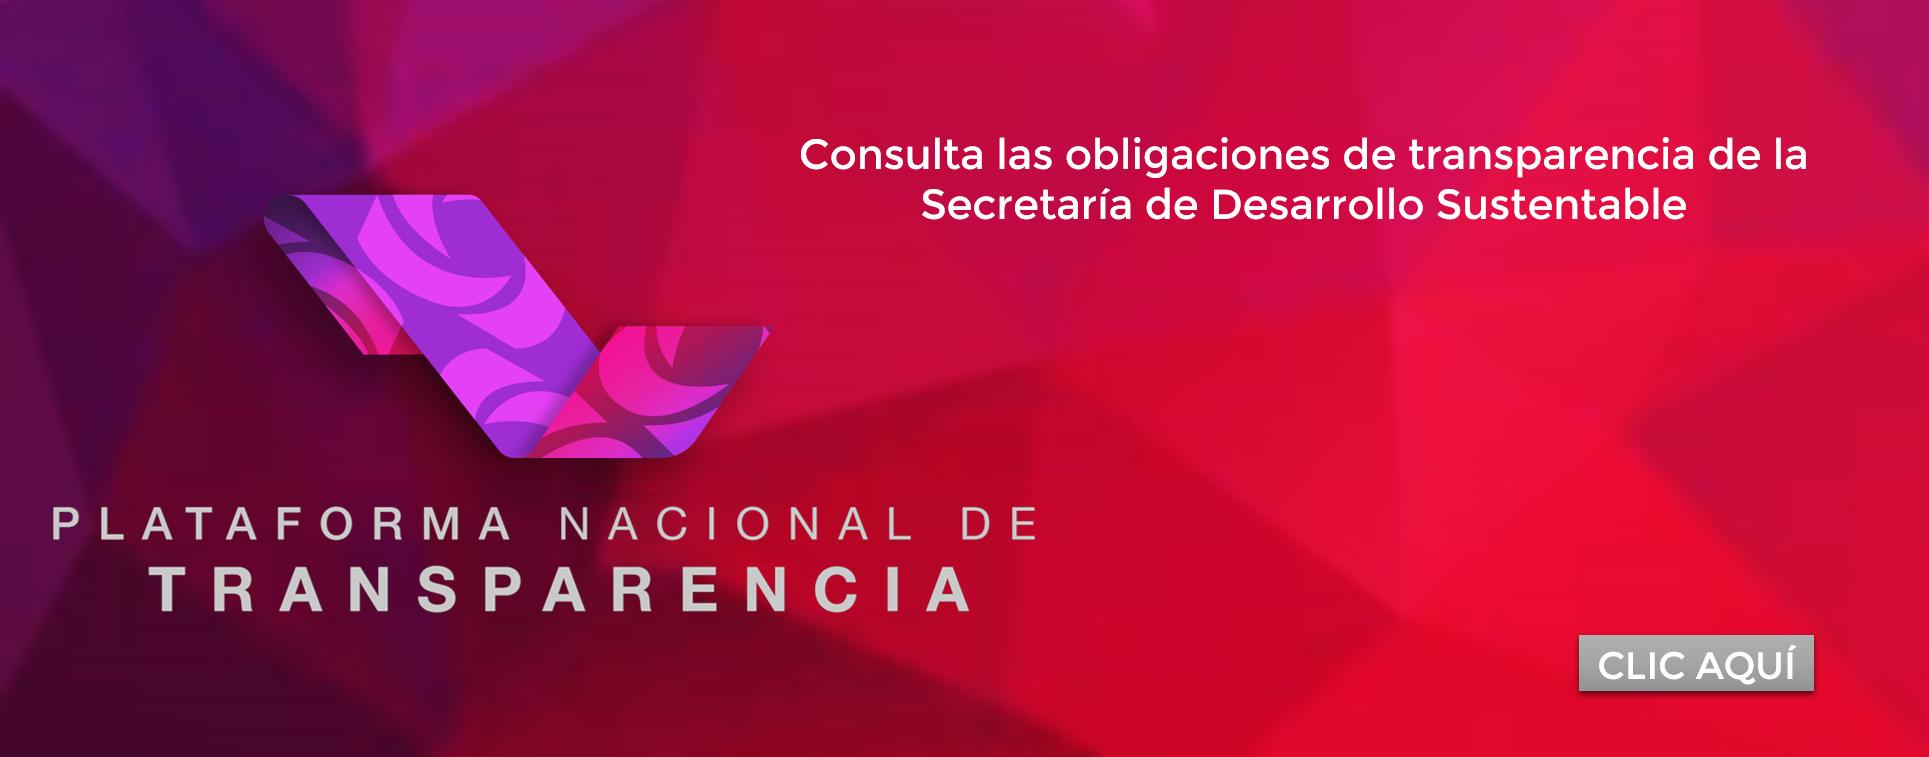 Obligaciones de transparencia de la Secretaría de Desarrollo Sustentable